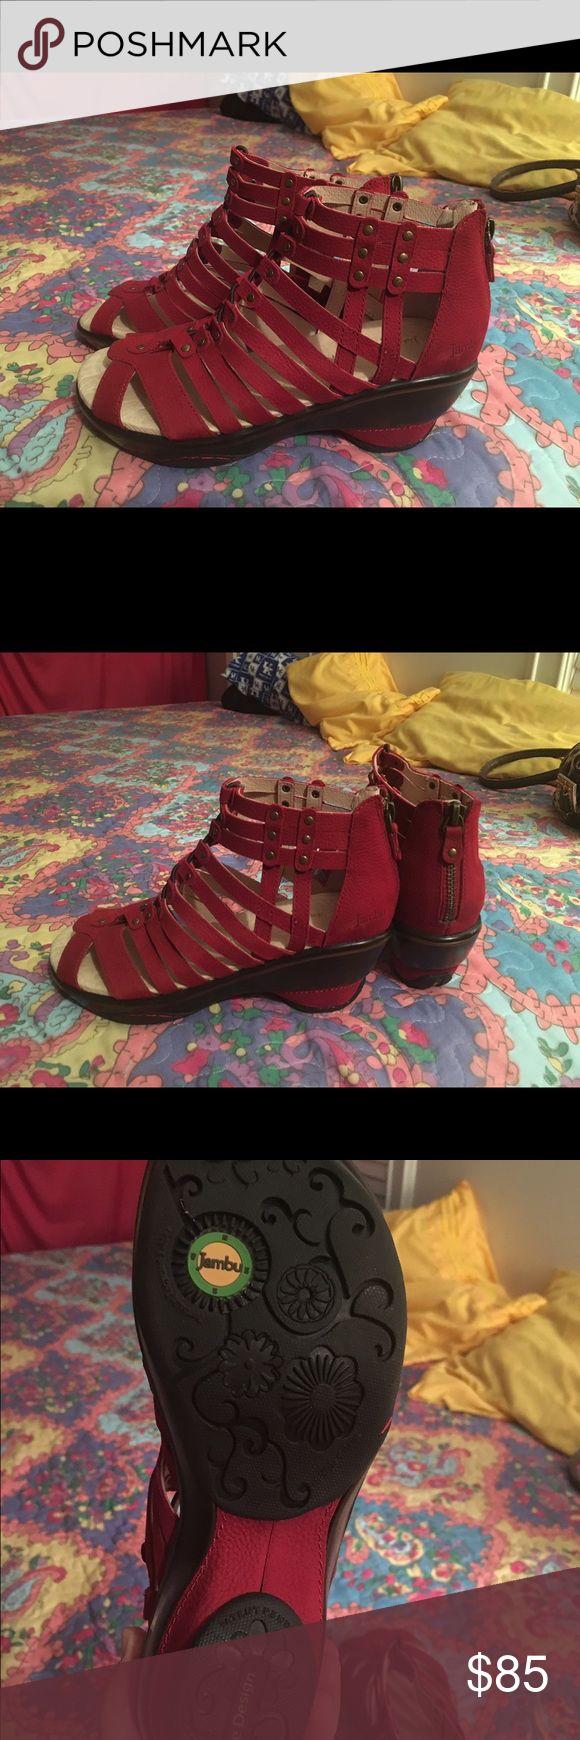 Jambu Sugar Wedge Pump Jambu Sugar Wedge Pump Red. Size 6. New. Jambu Shoes Wedges